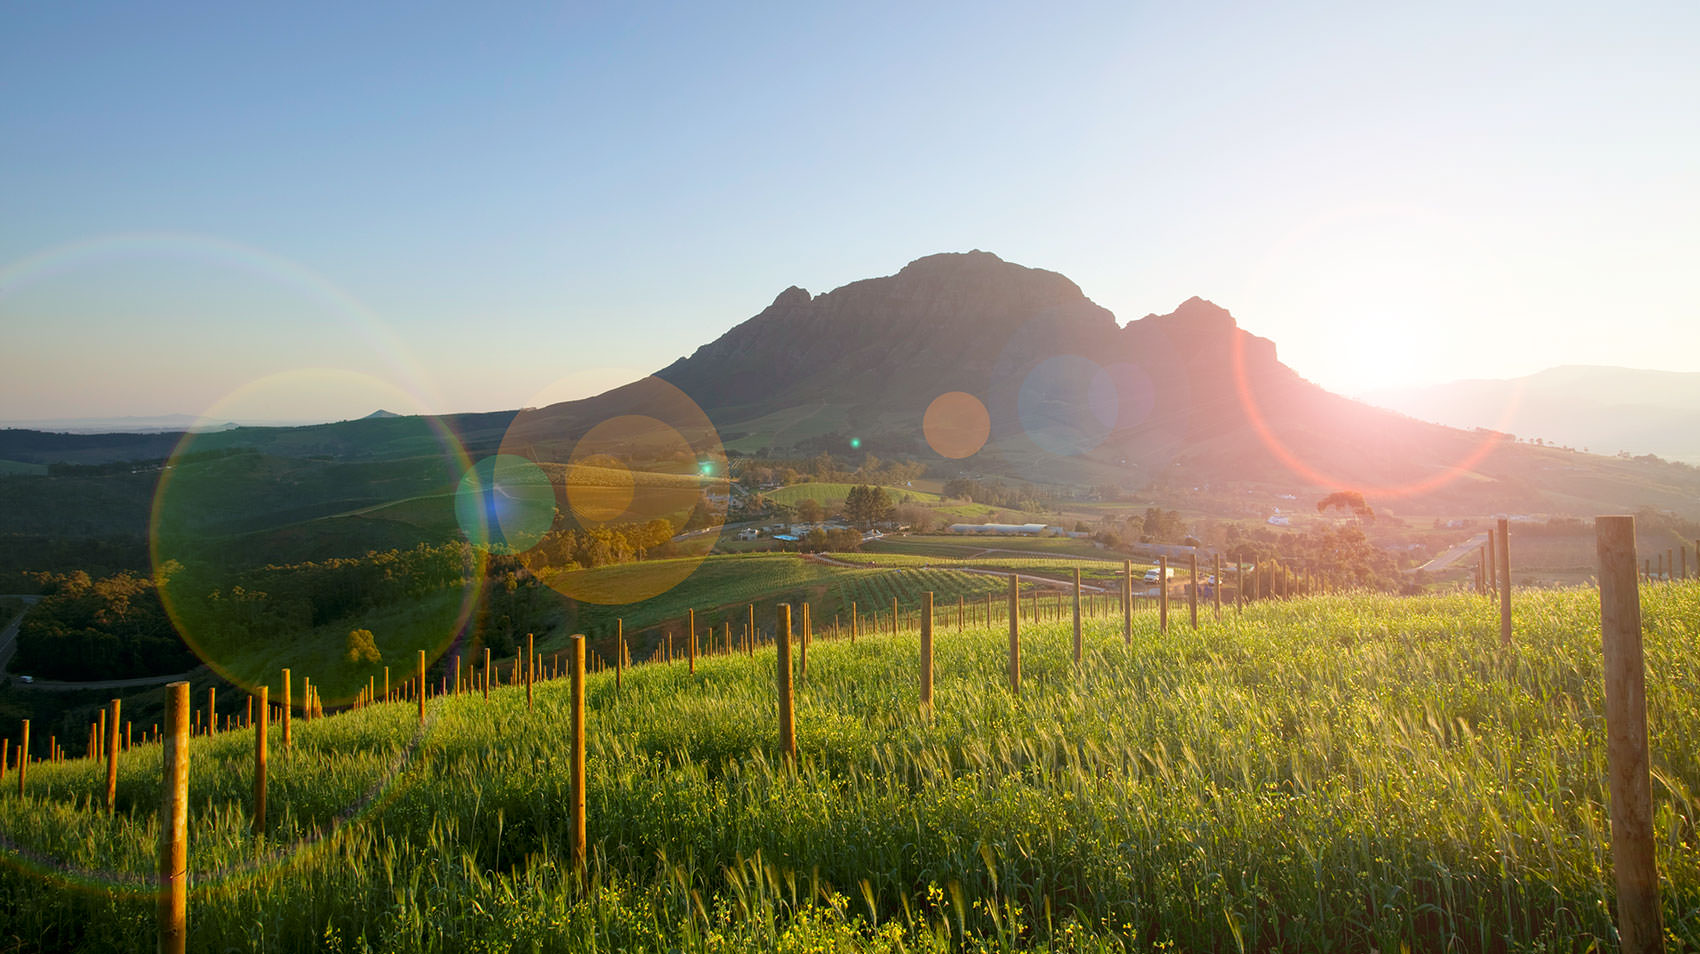 sunrise_over_delaire_graff_estate